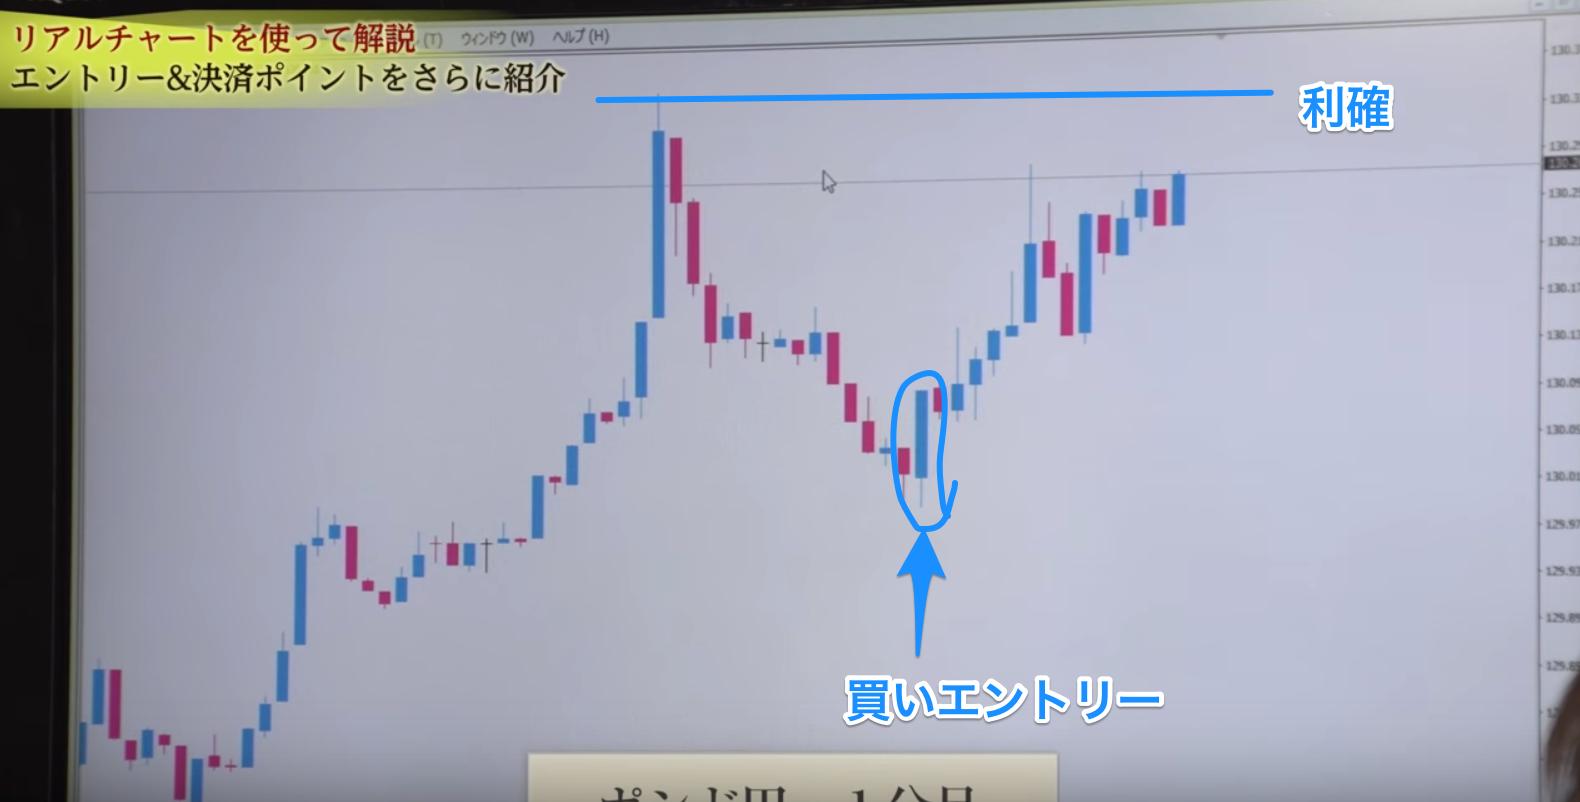 【2】ロジック大暴露!さらなる秘密兵器とは?:FX仙人 13